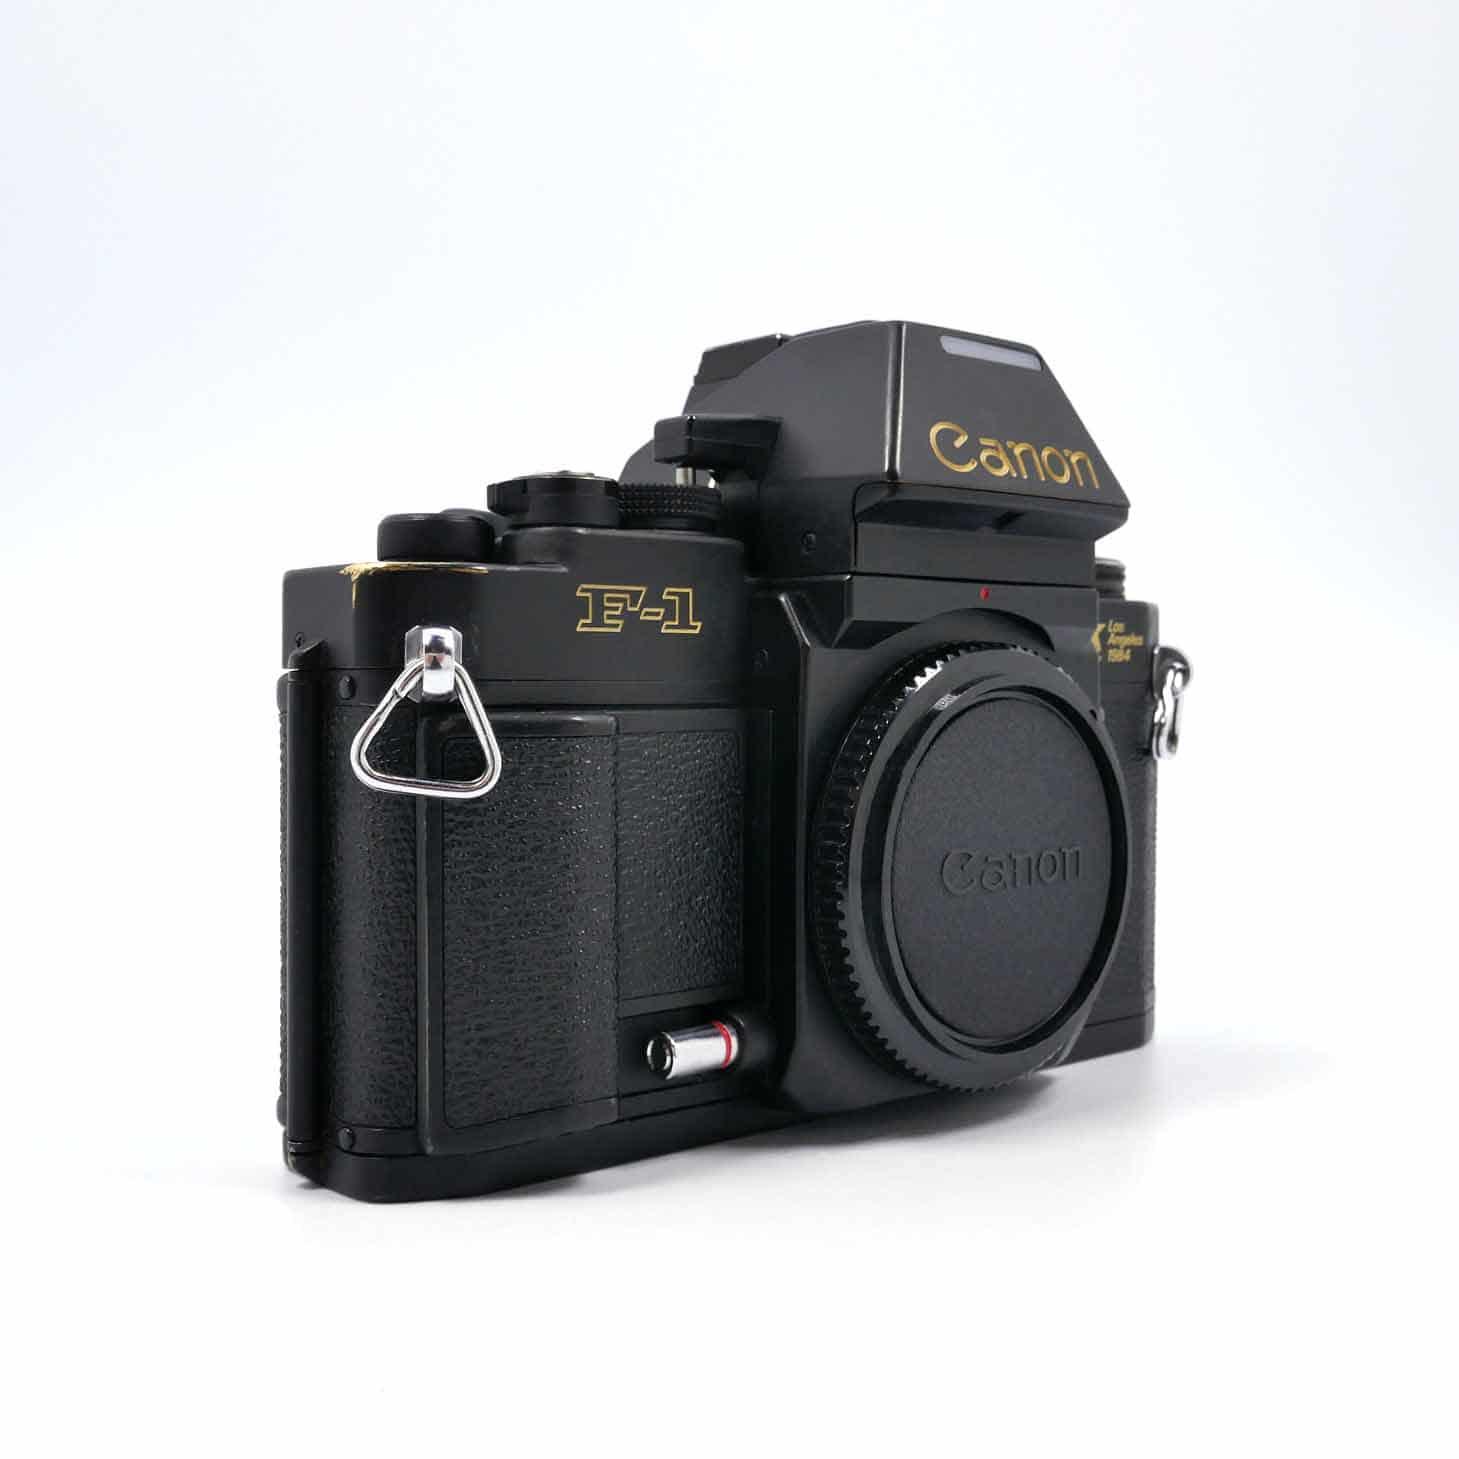 clean-cameras-Canon-F-1-Los-Angeles-07